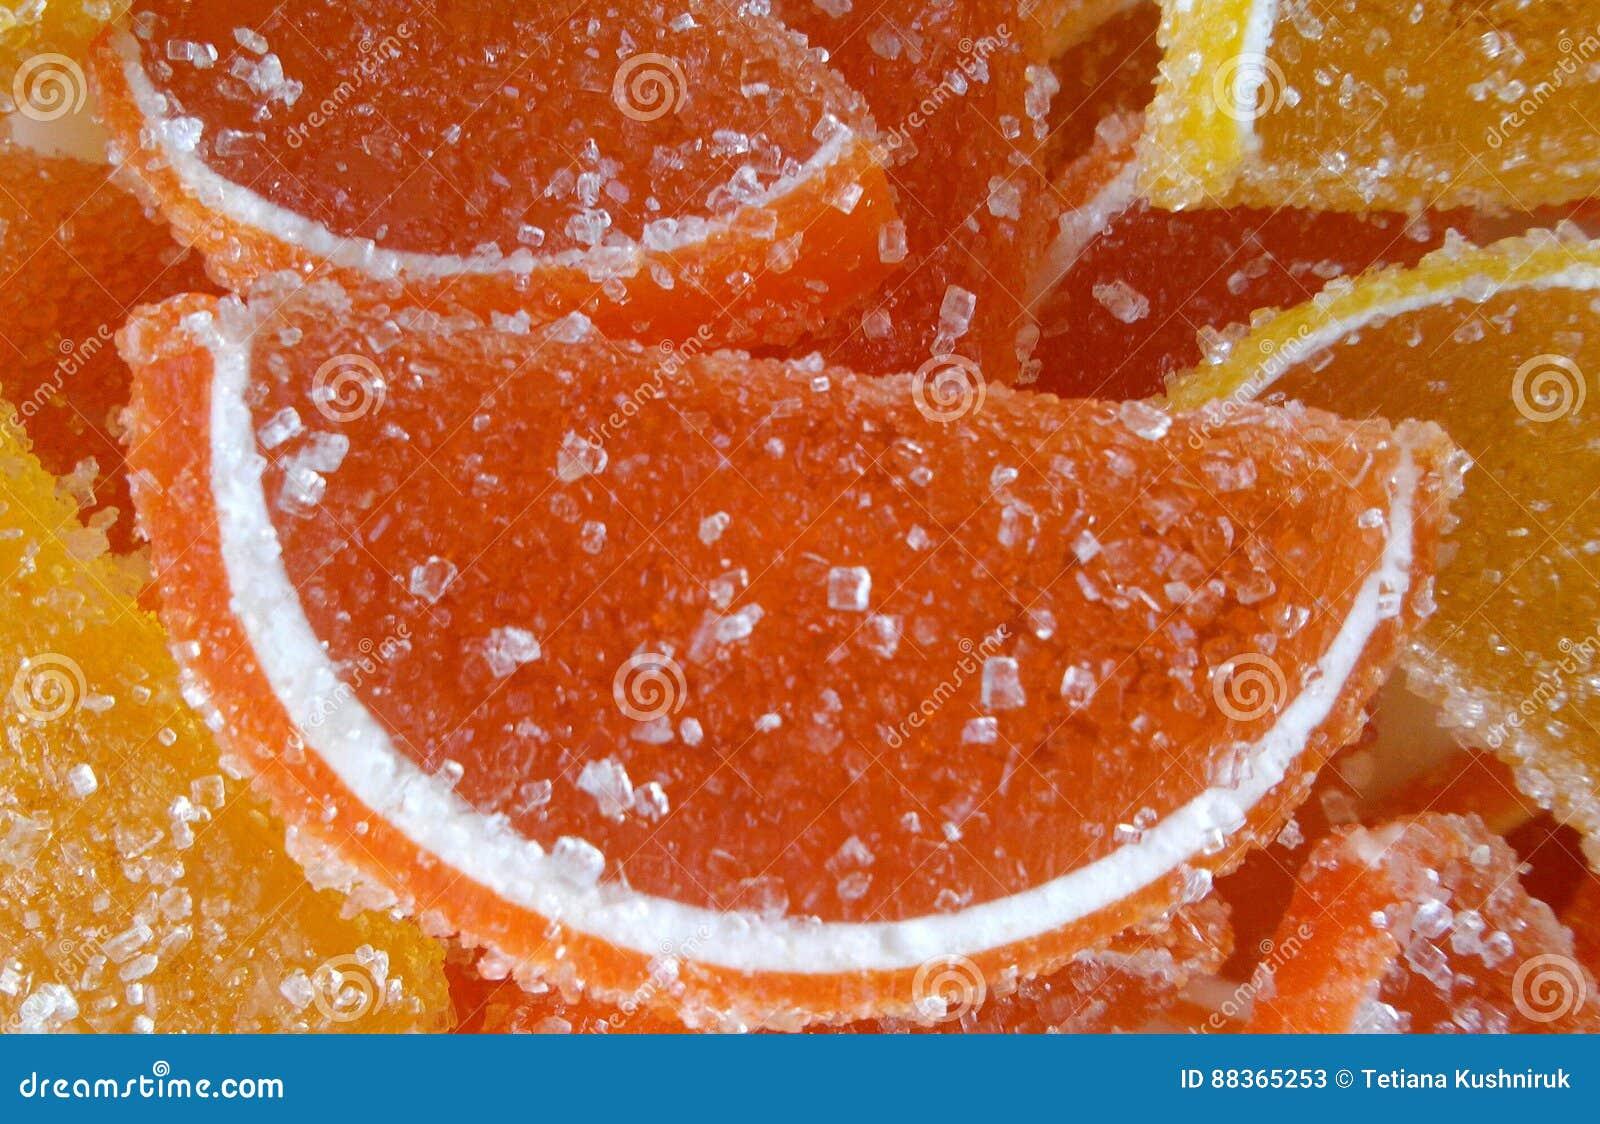 Saudável Pilha de colorido doce de fruta doce do sólido dos doces útil Vista de acima Fundo naughty